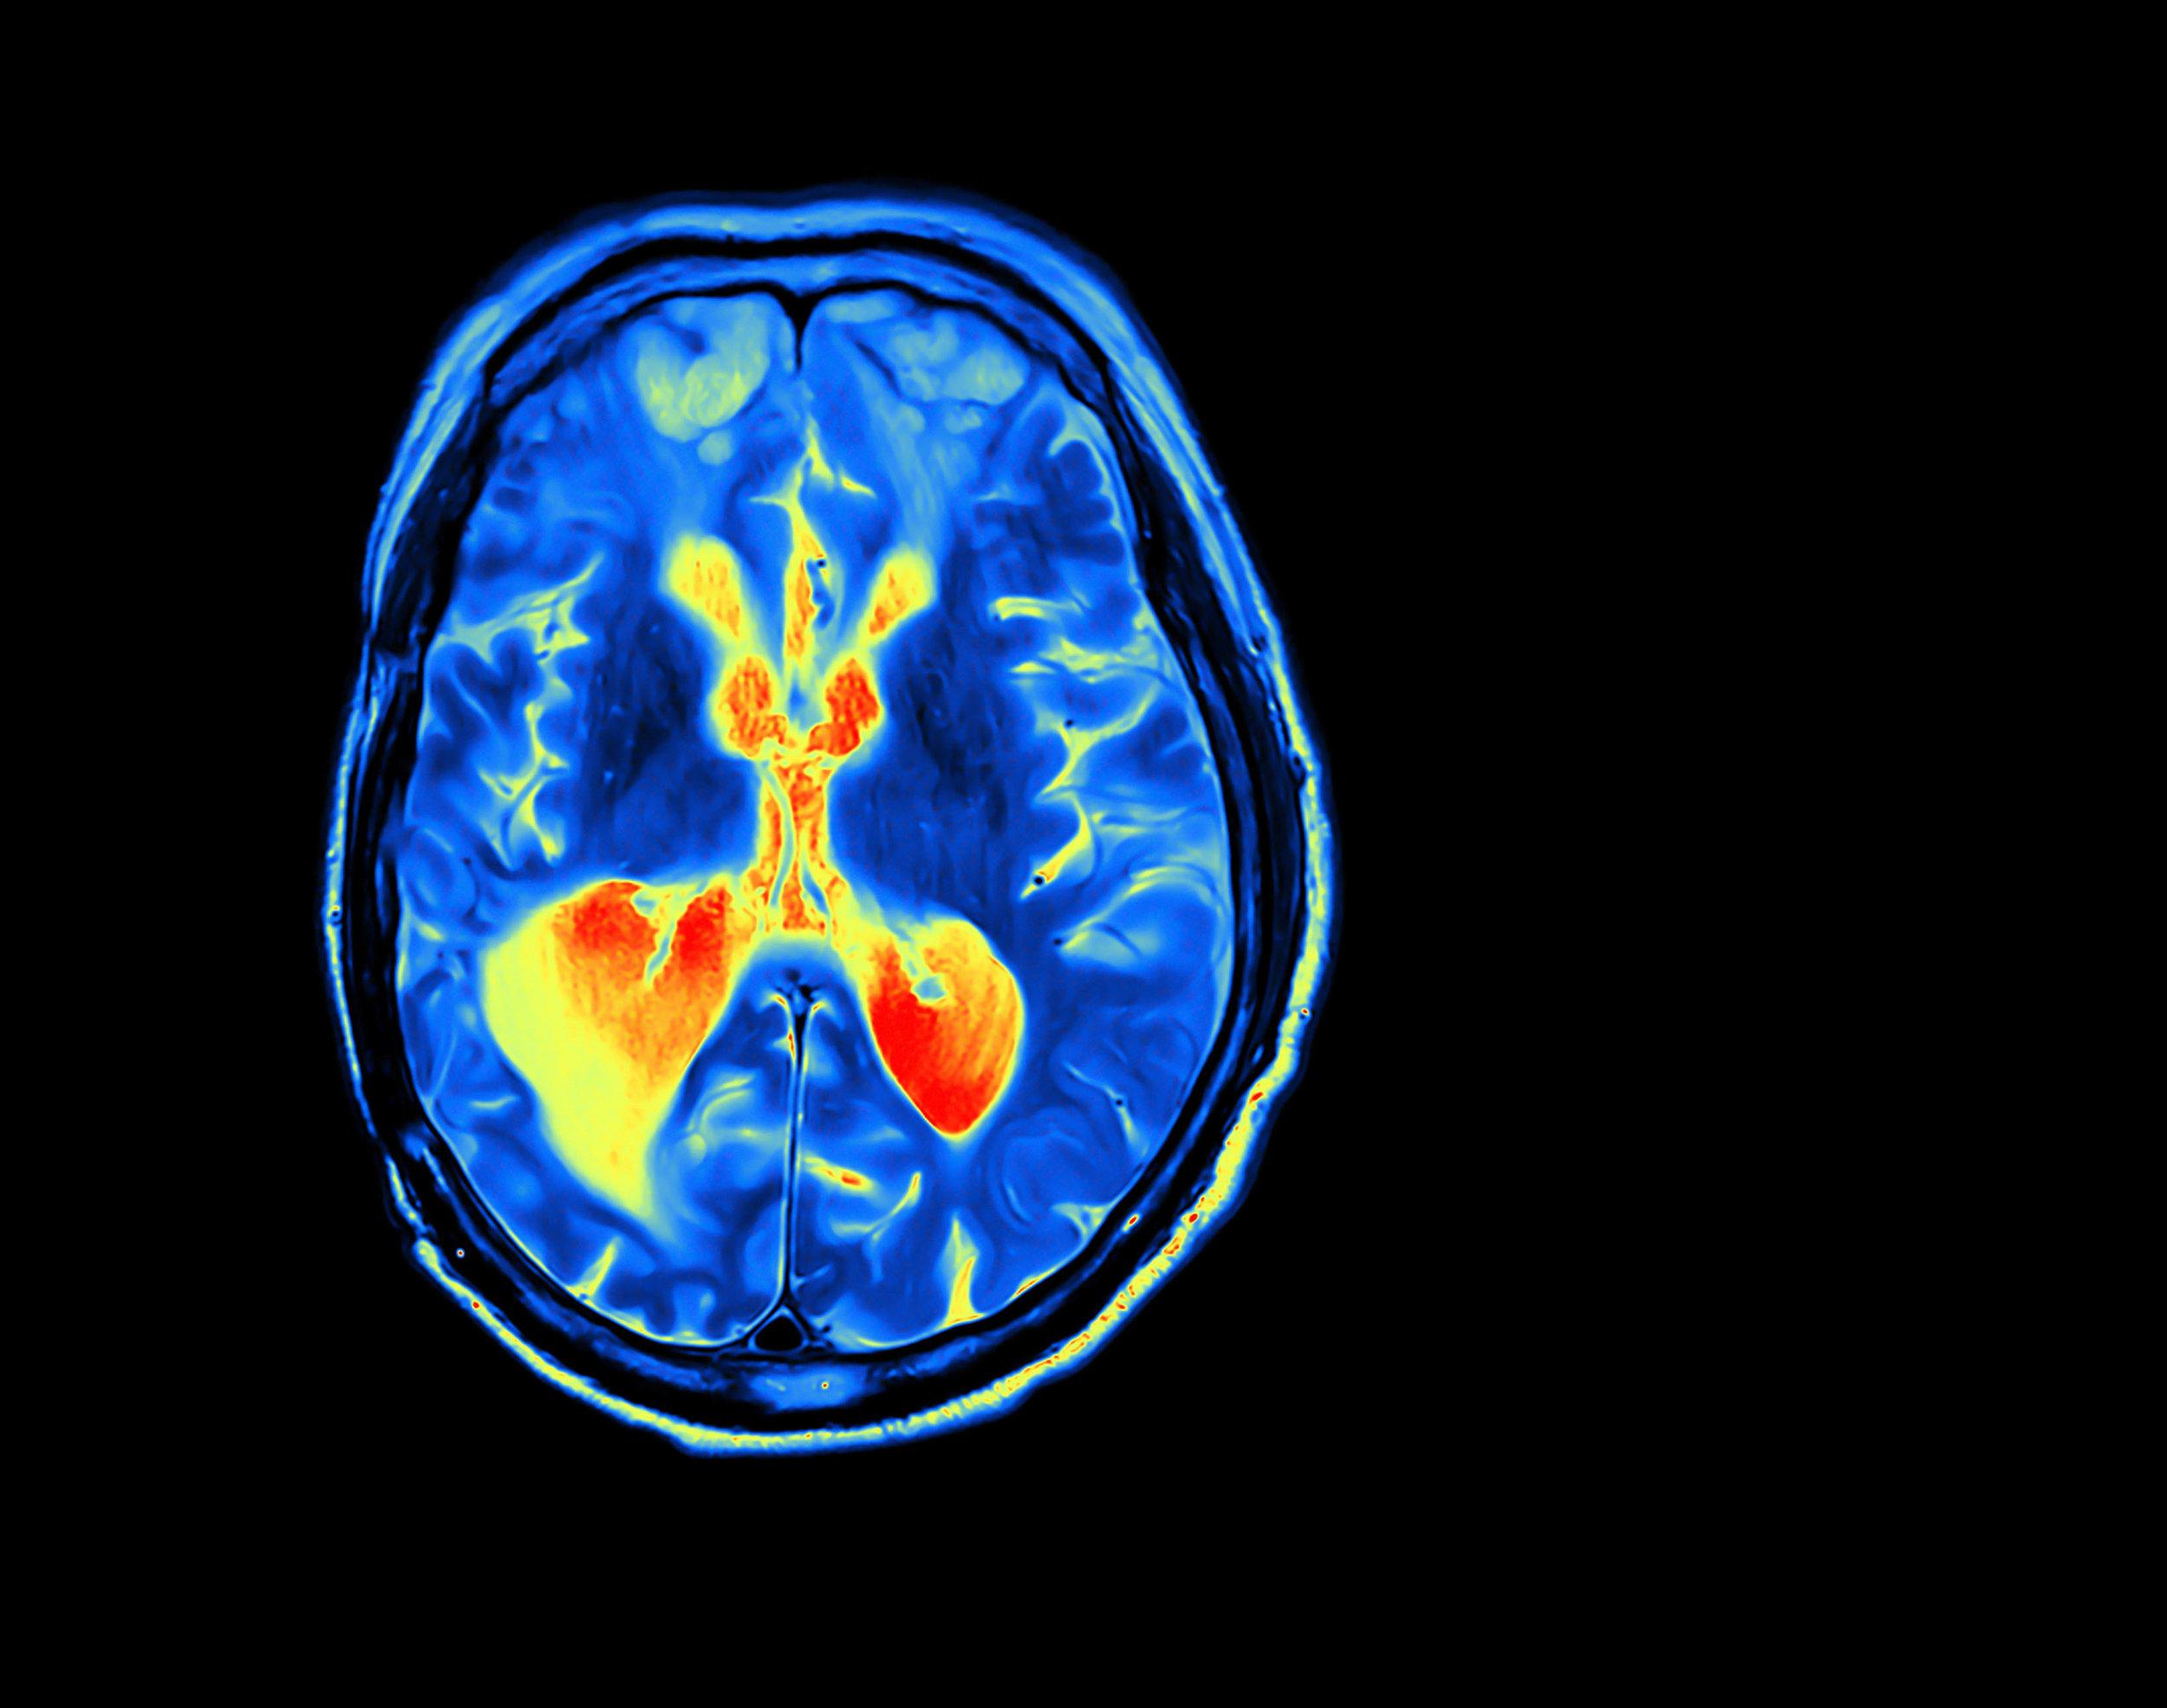 Das Hirn ist ein Muskel - Ja, unser Gehirn funktioniert wie ein Muskel. Das ist super: Denn wie im Fitness-Center können Sie mit den richtigen Methoden das Hirn besser trainieren,um noch mehr Power zu entwickeln.Und wie im Sport gilt auch hier: Sie müssen Ihr Gehirn (kreativ) aufwärmen und die verschiedenen Phasen der Anspannung und Regeneration berücksichtigen.All dieses Wissen nutzt das JOHNYETI® Training.